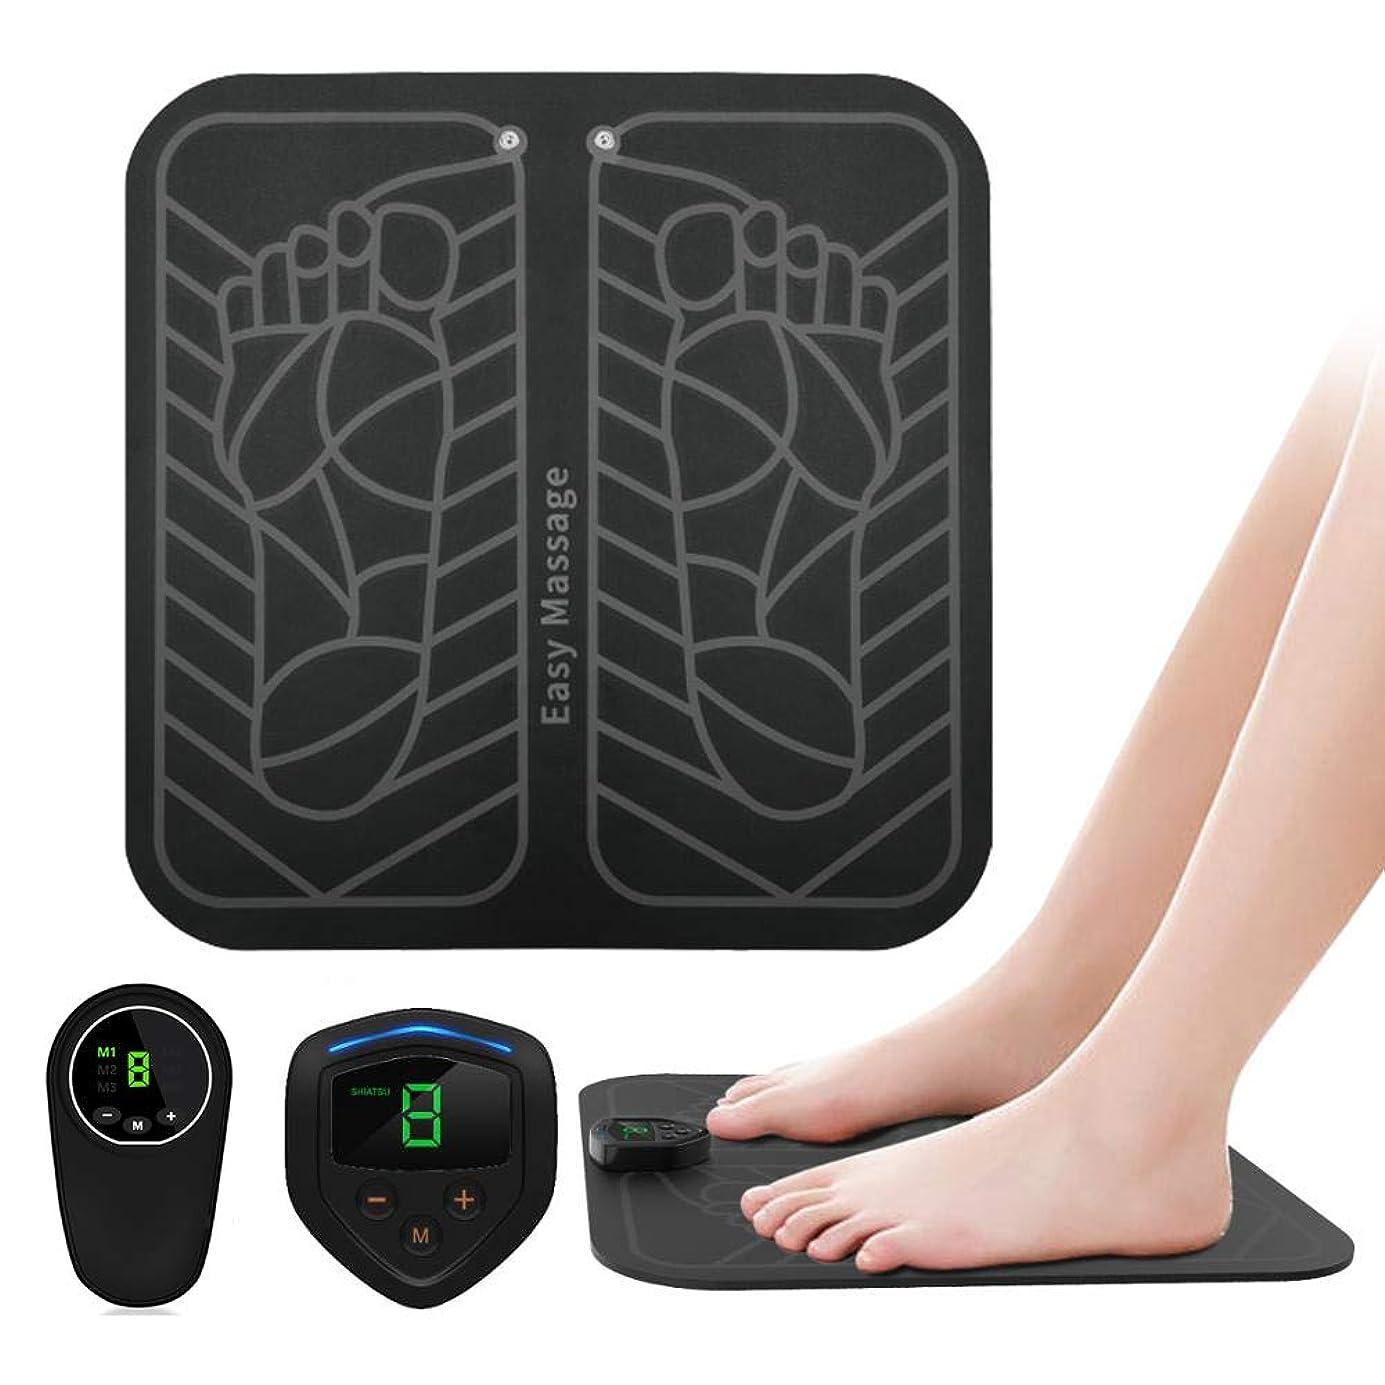 噛むマンモス動かないEMSフットマッサージ器、USB充電式折りたたみ携帯用電気マッサージマット、電子筋Stimulatior足マッサージ促進血液循環筋肉の痛みを軽減